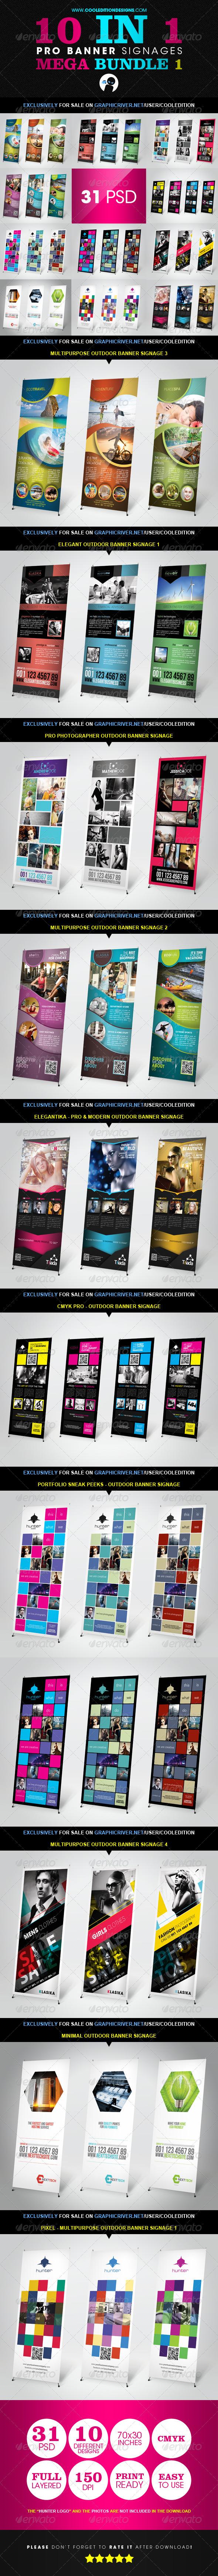 GraphicRiver 10 In 1 Pro Banner Signages Mega Bundle 1 2736211